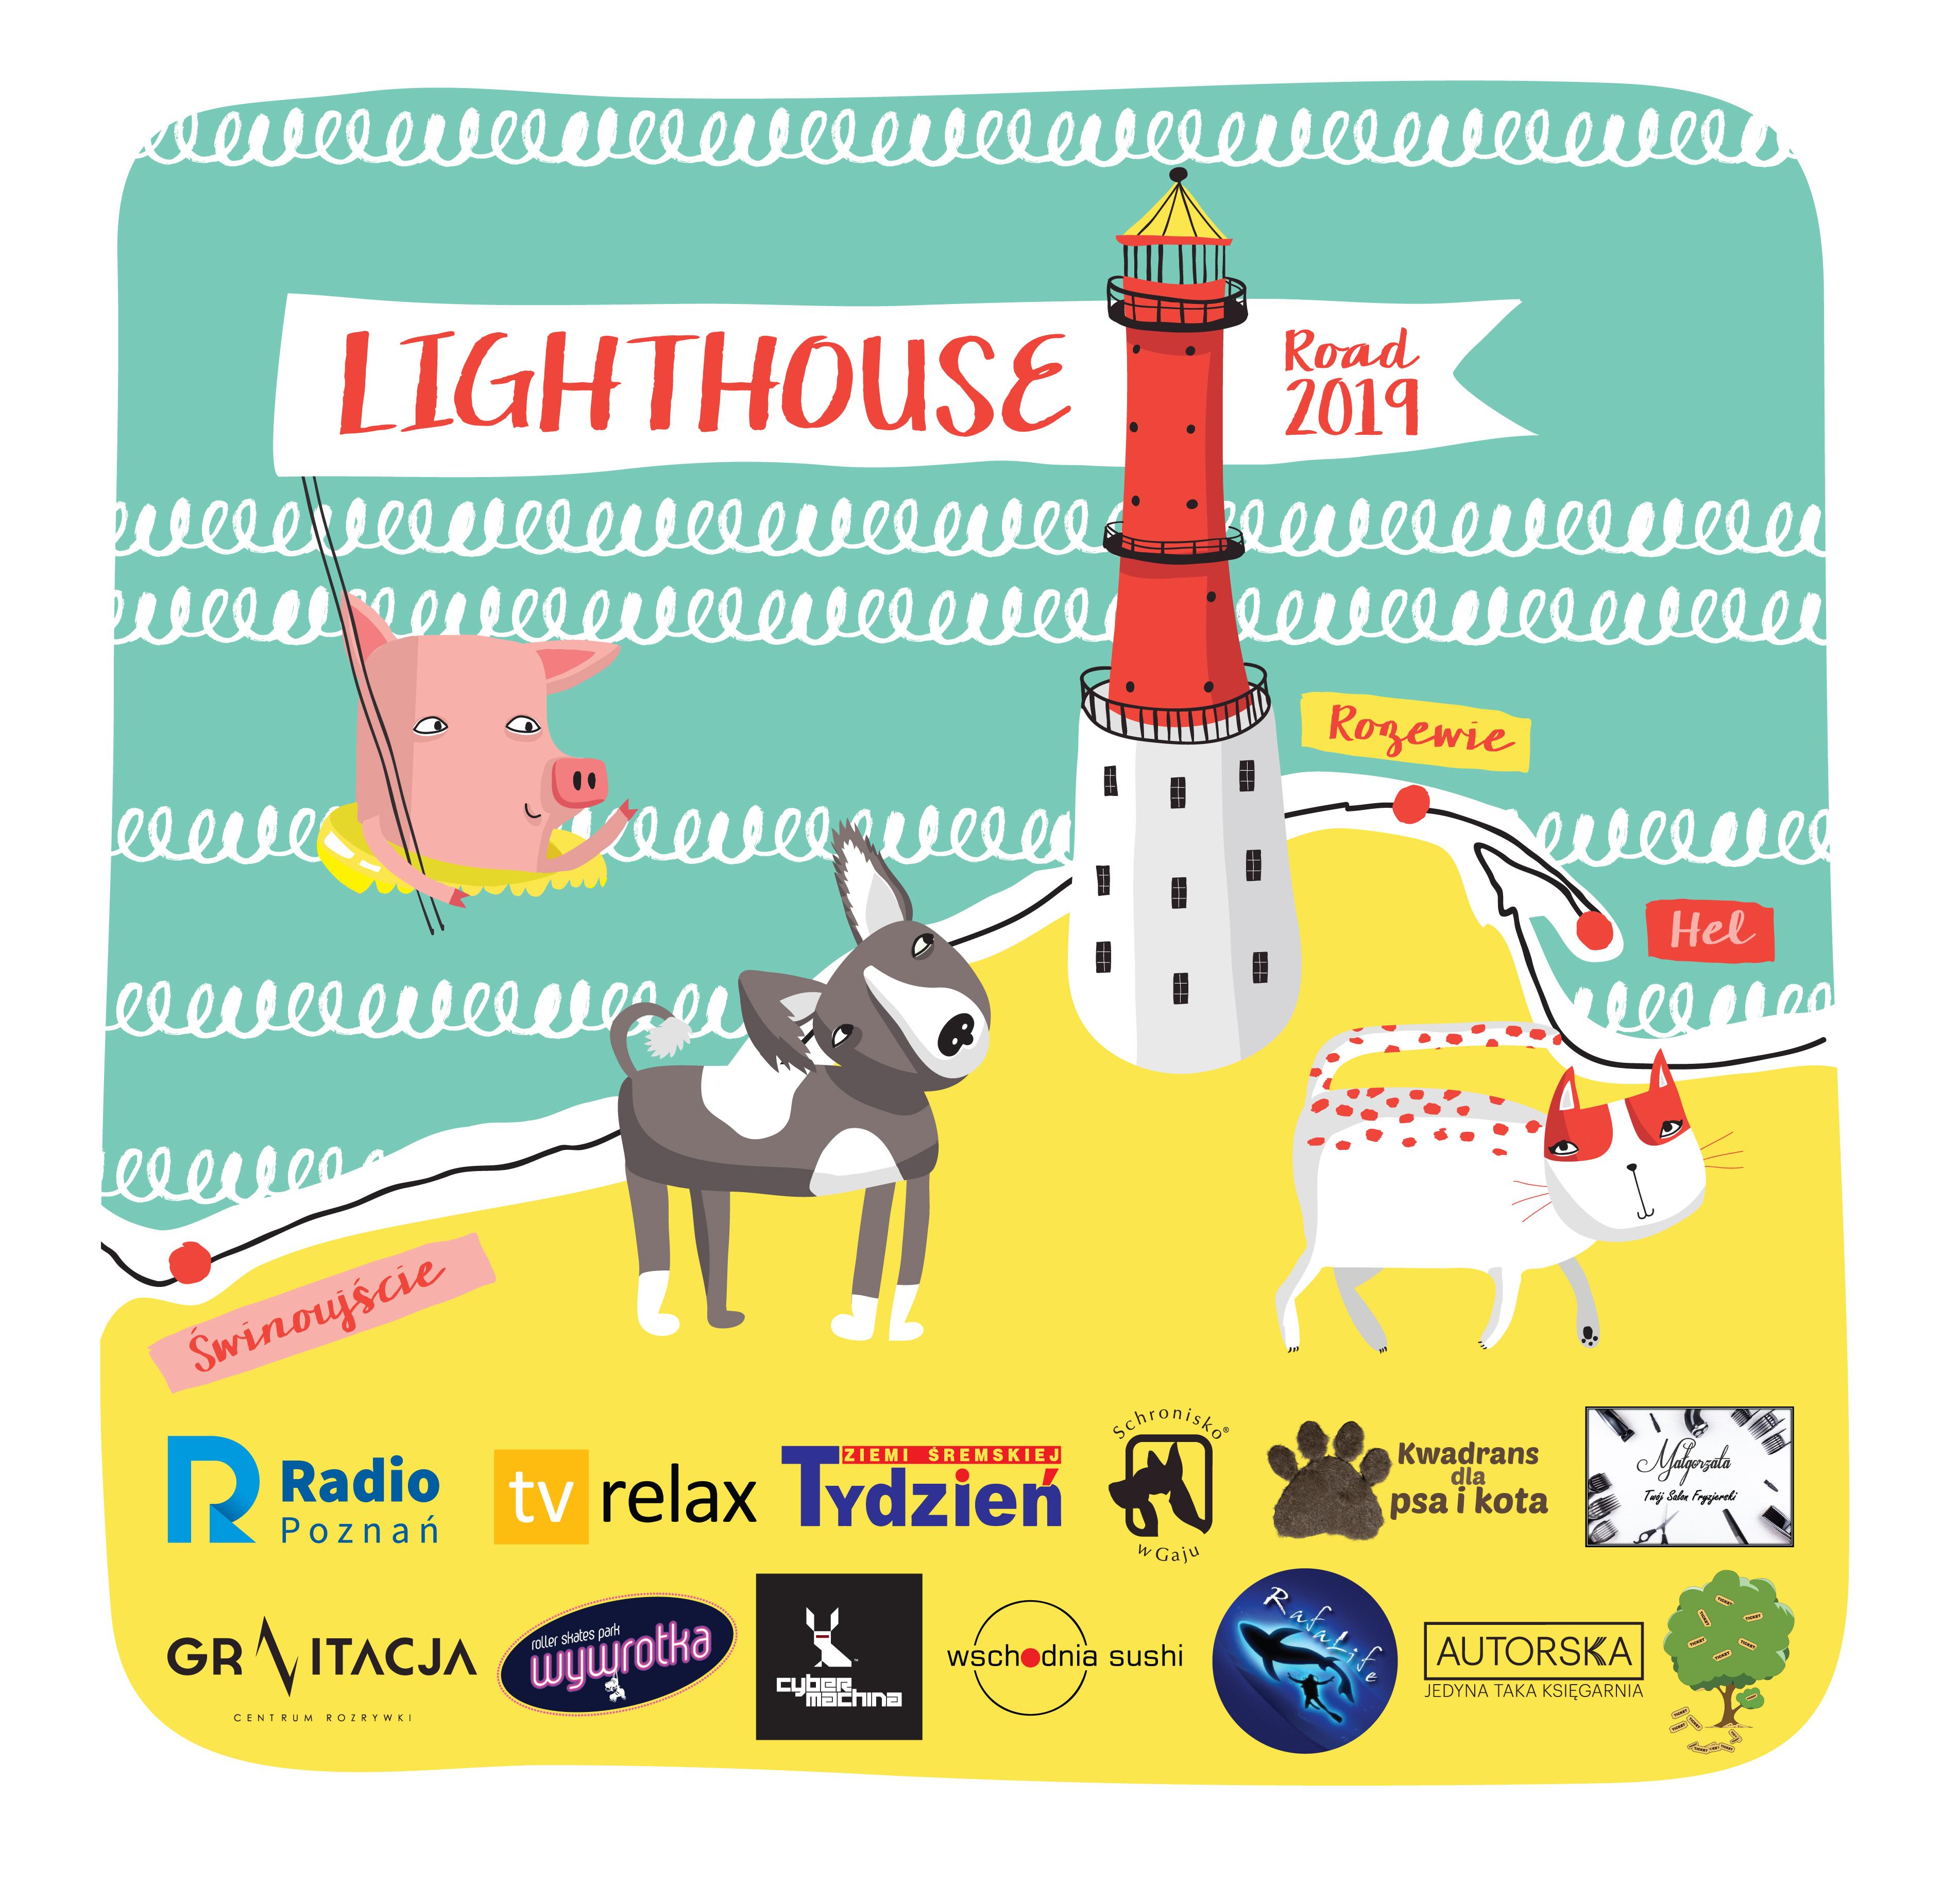 Lighthouse Road 2019 dla schroniska w Gaju!